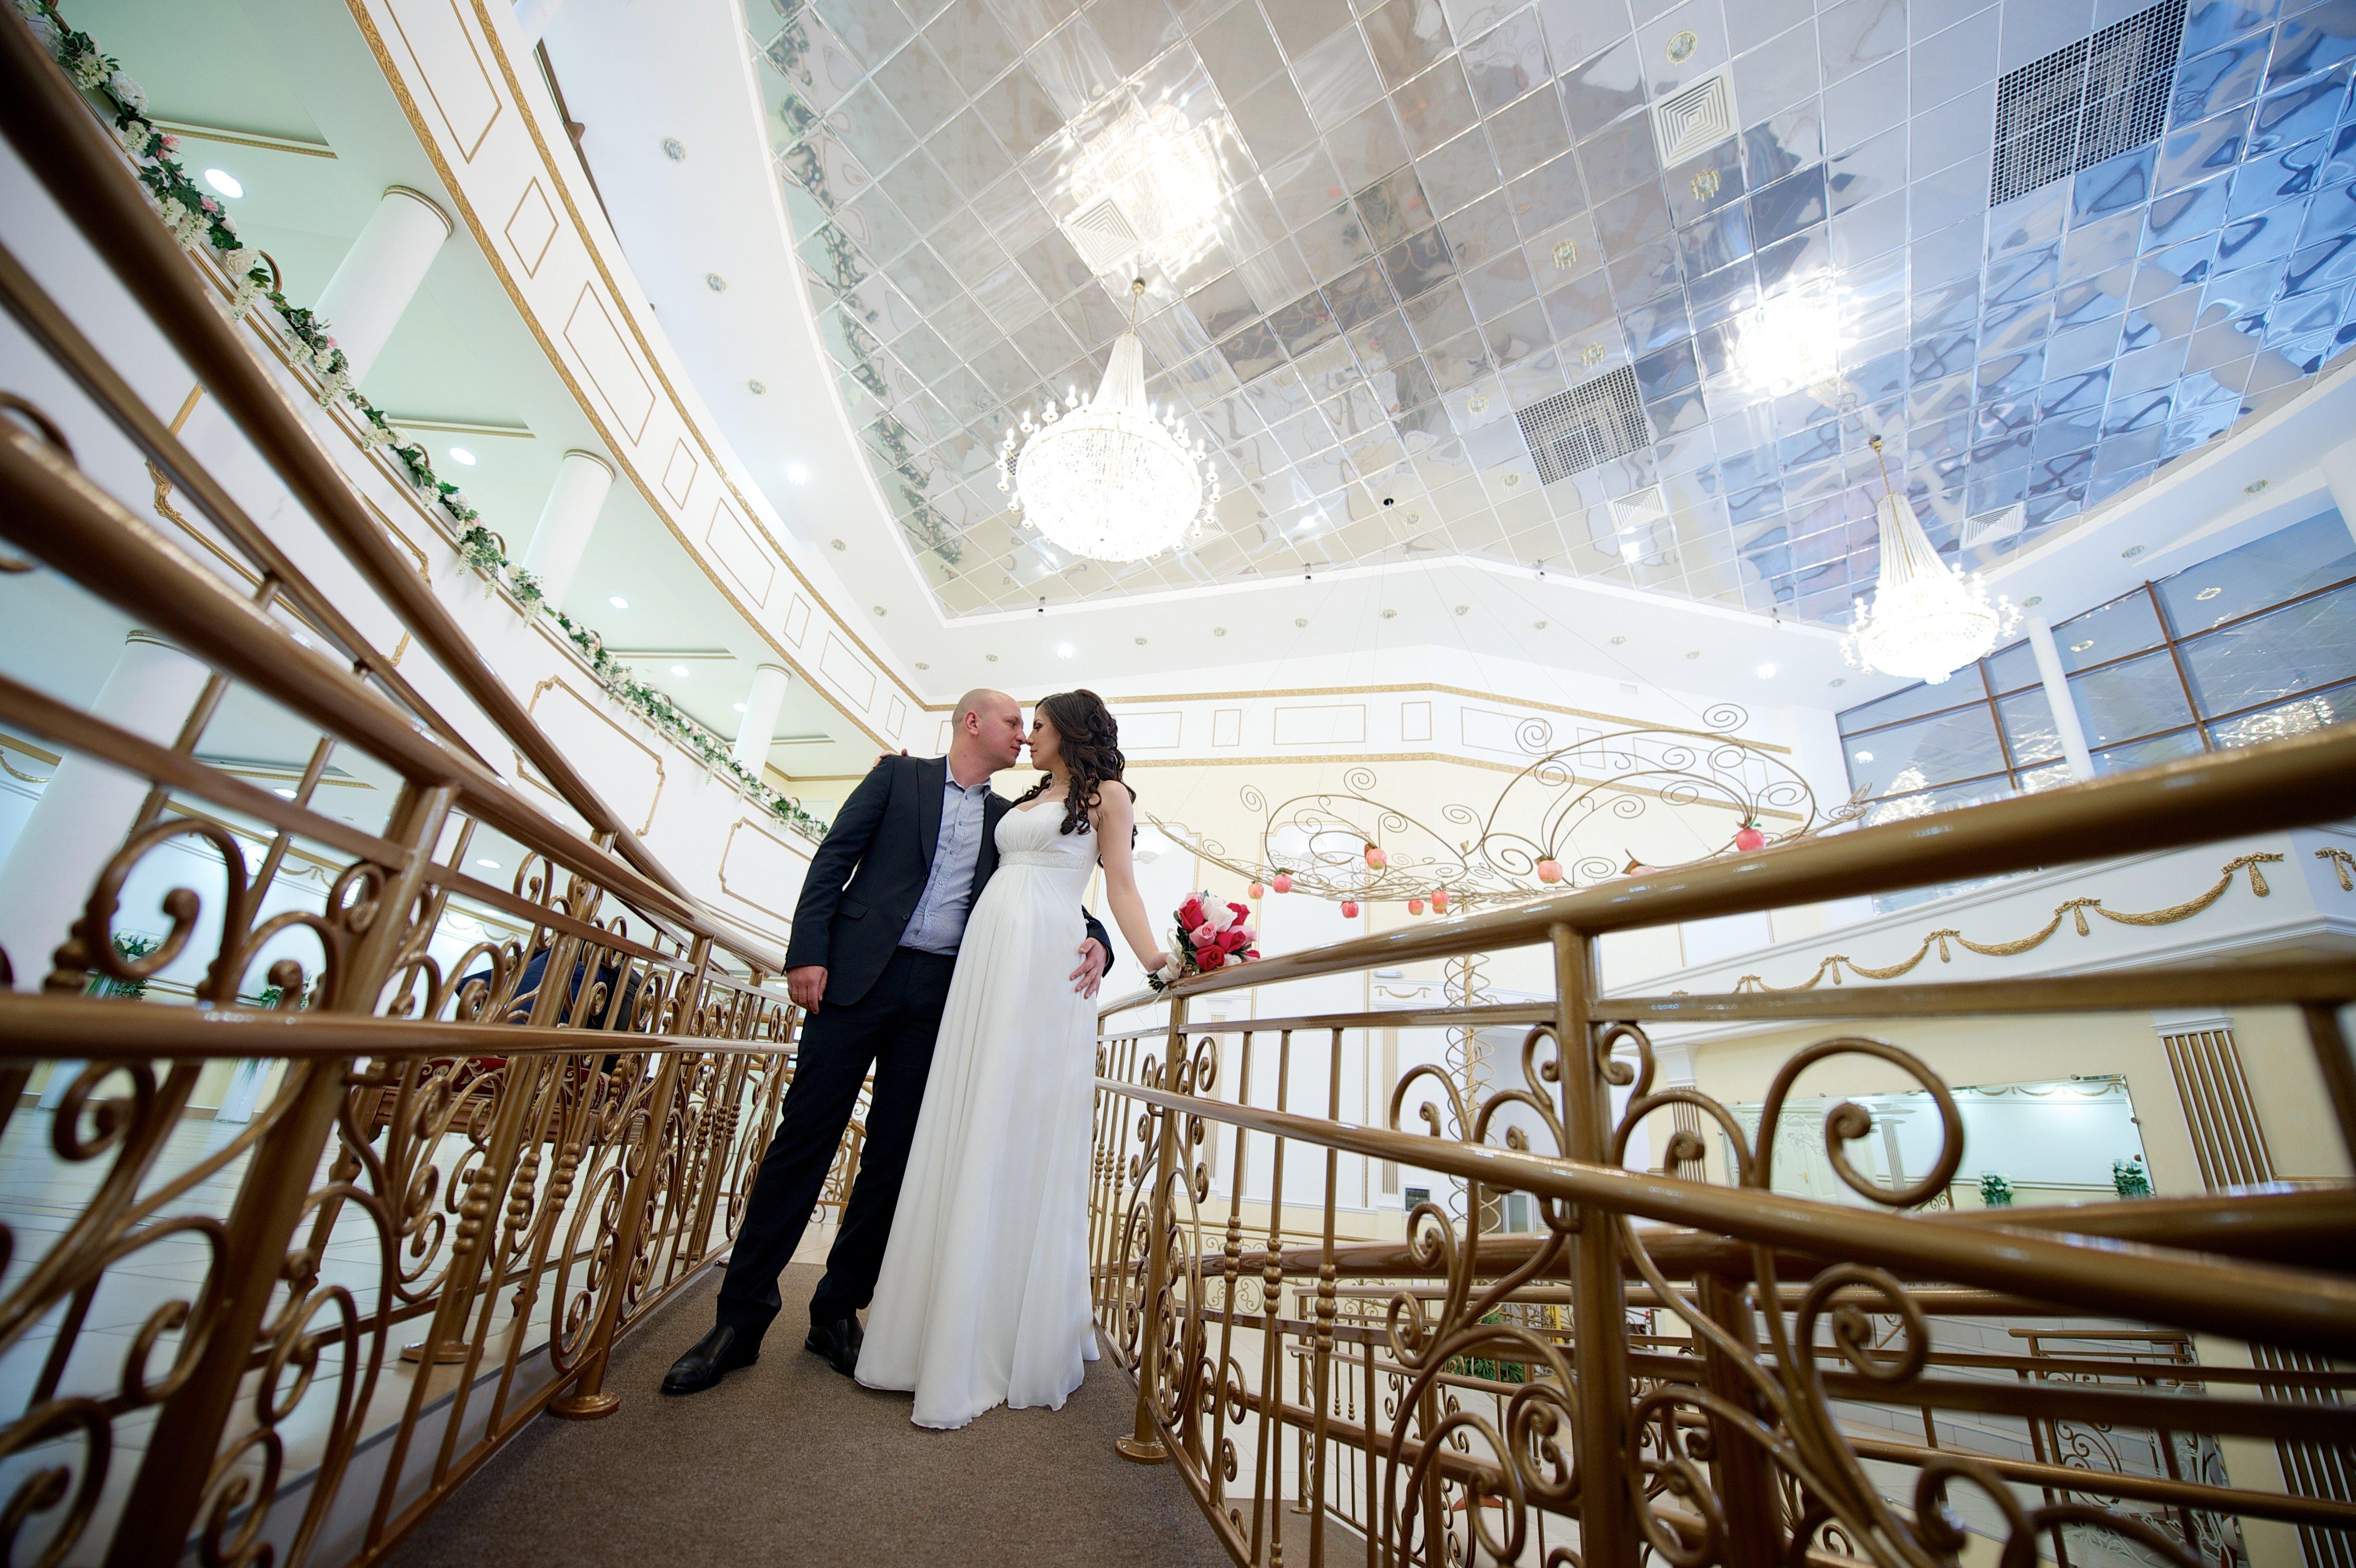 для жениха свадьбы в сургуте фото отличаются